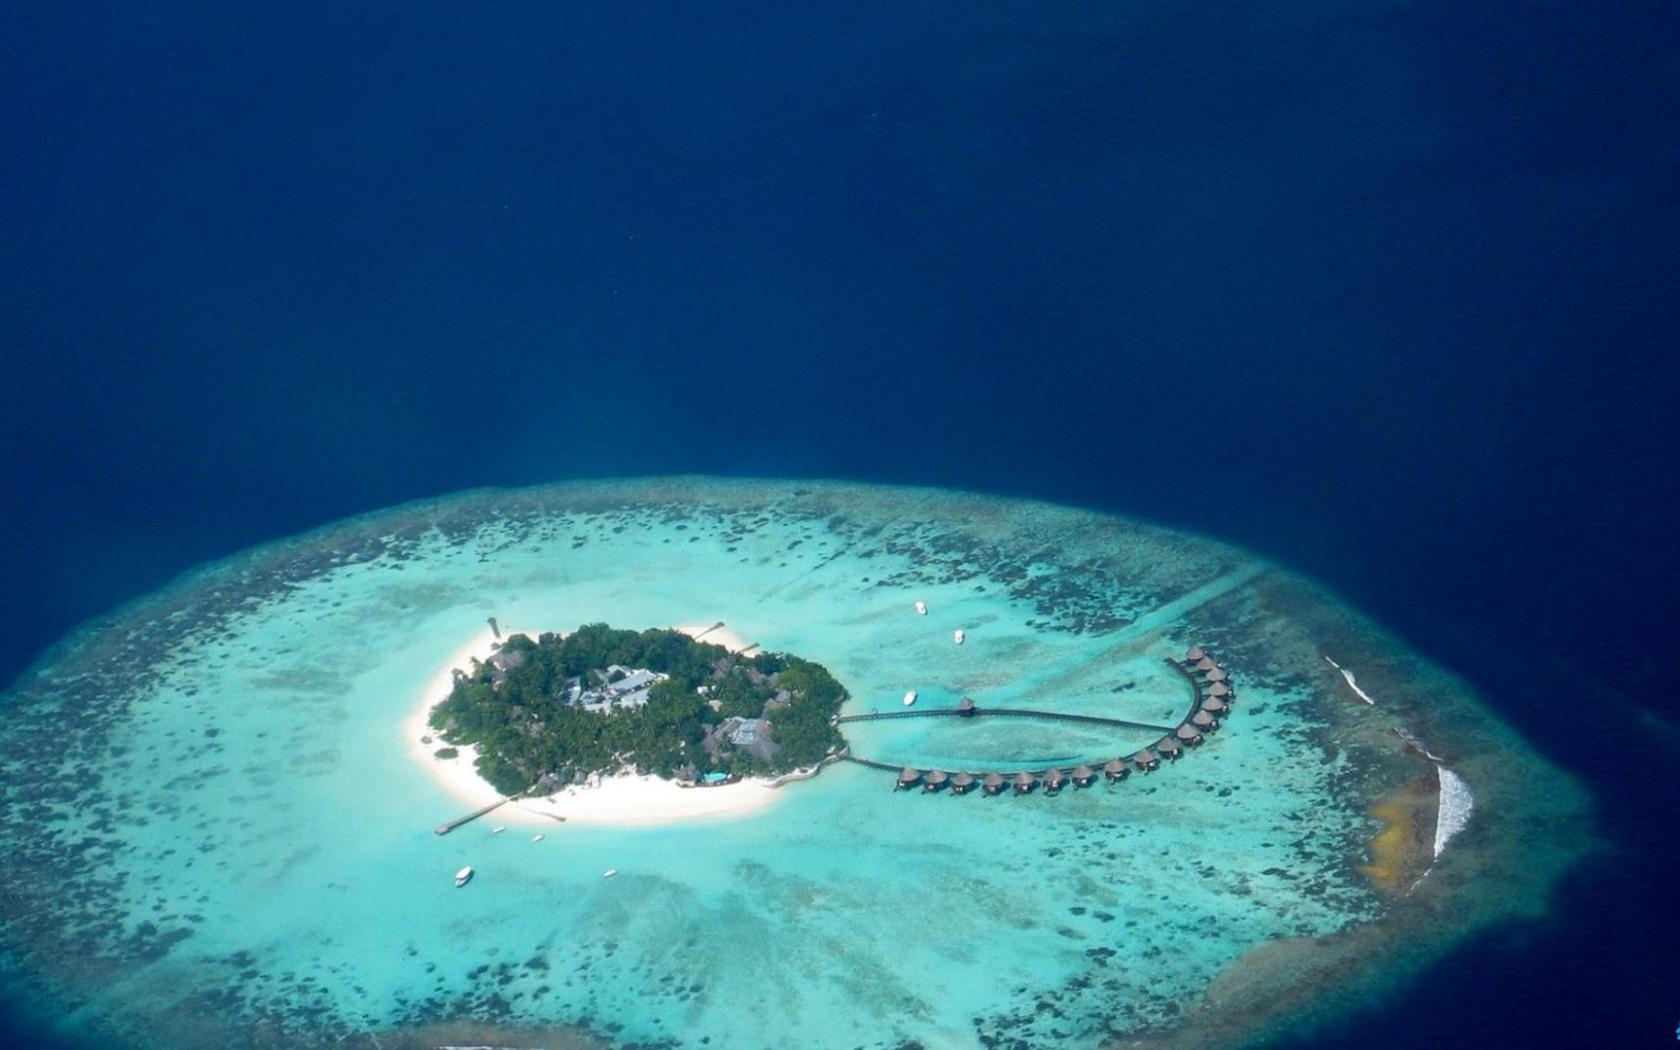 maldives desktop wallpapers 1680x1050 - photo #5